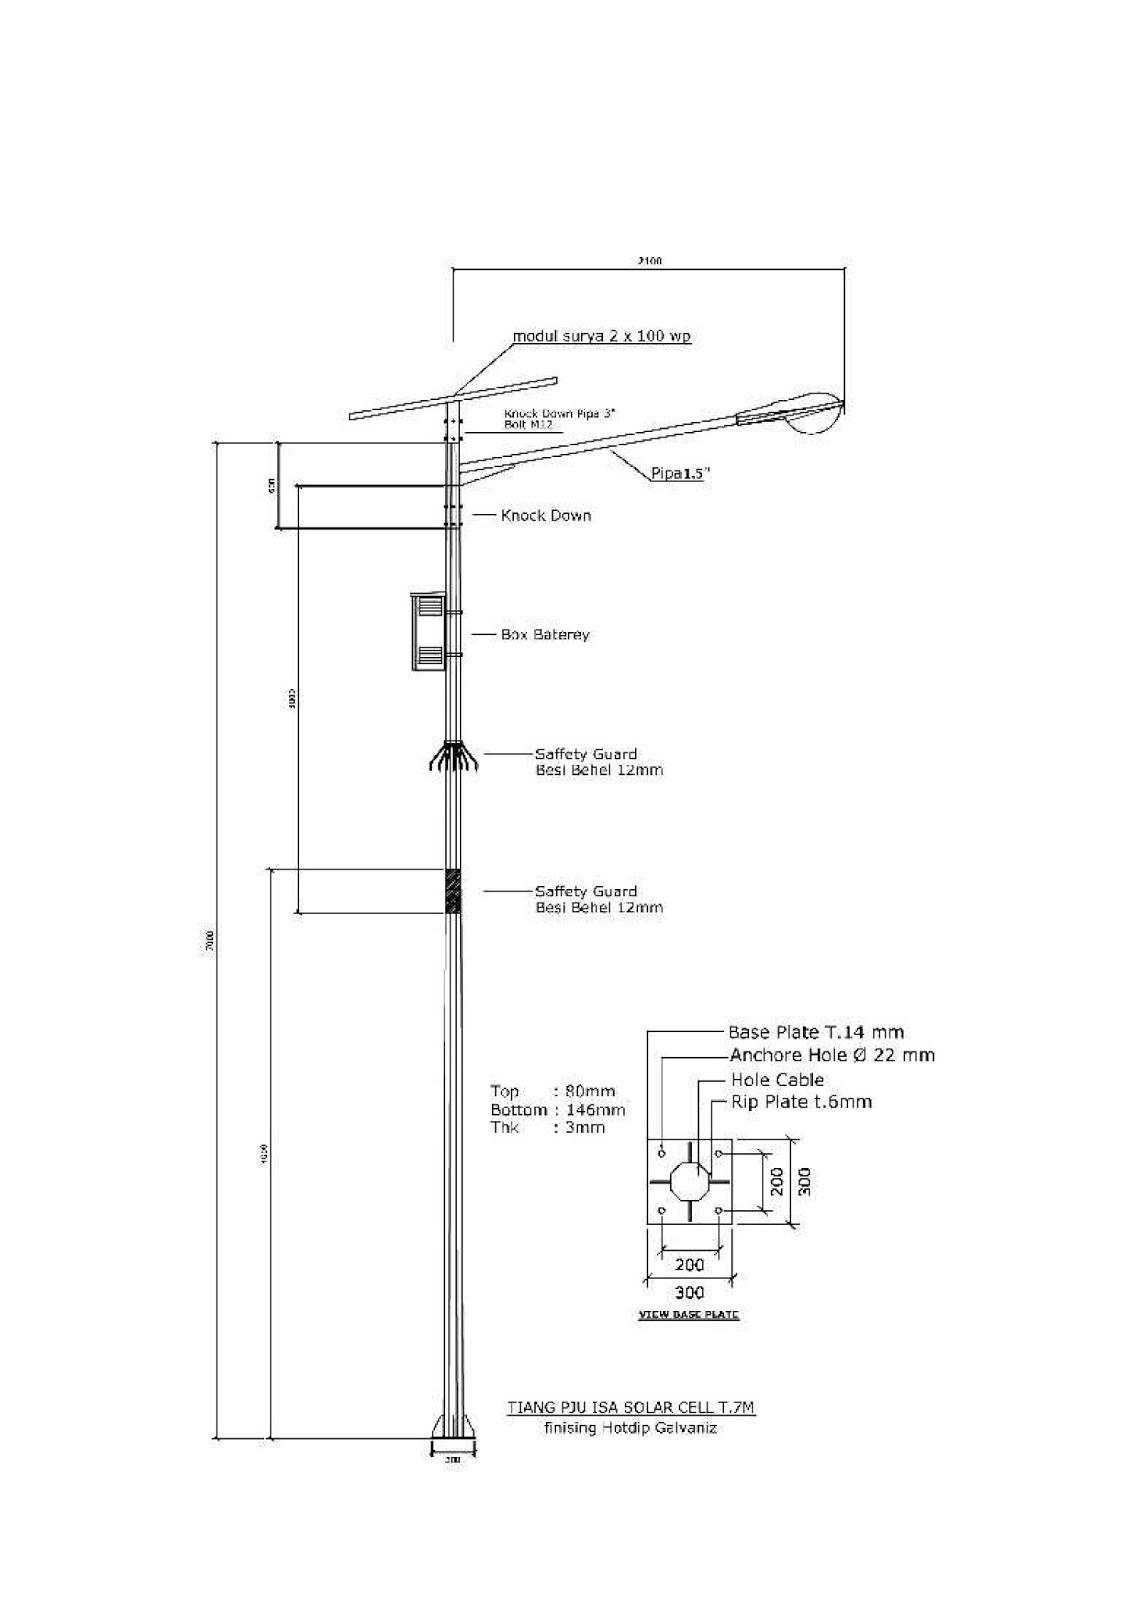 Diagram Wiring Diagram Lampu Pju Full Version Hd Quality Lampu Pju Schematicfile Blidetoine Fr